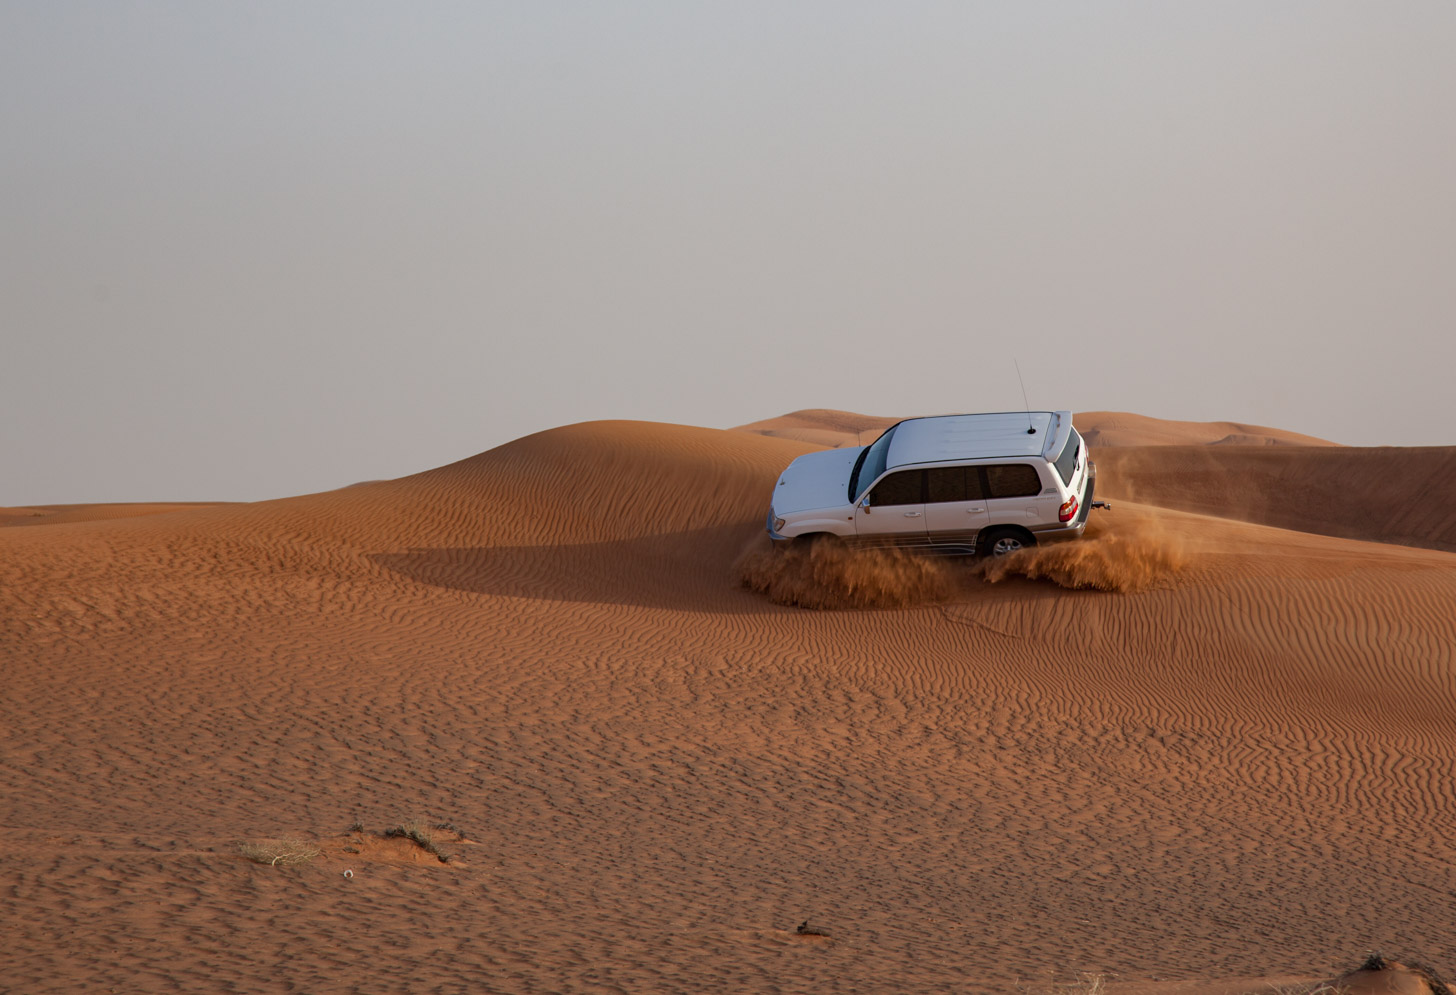 Met de 4x4 aan 'dune bashing' doen in de woestijn van Dubai